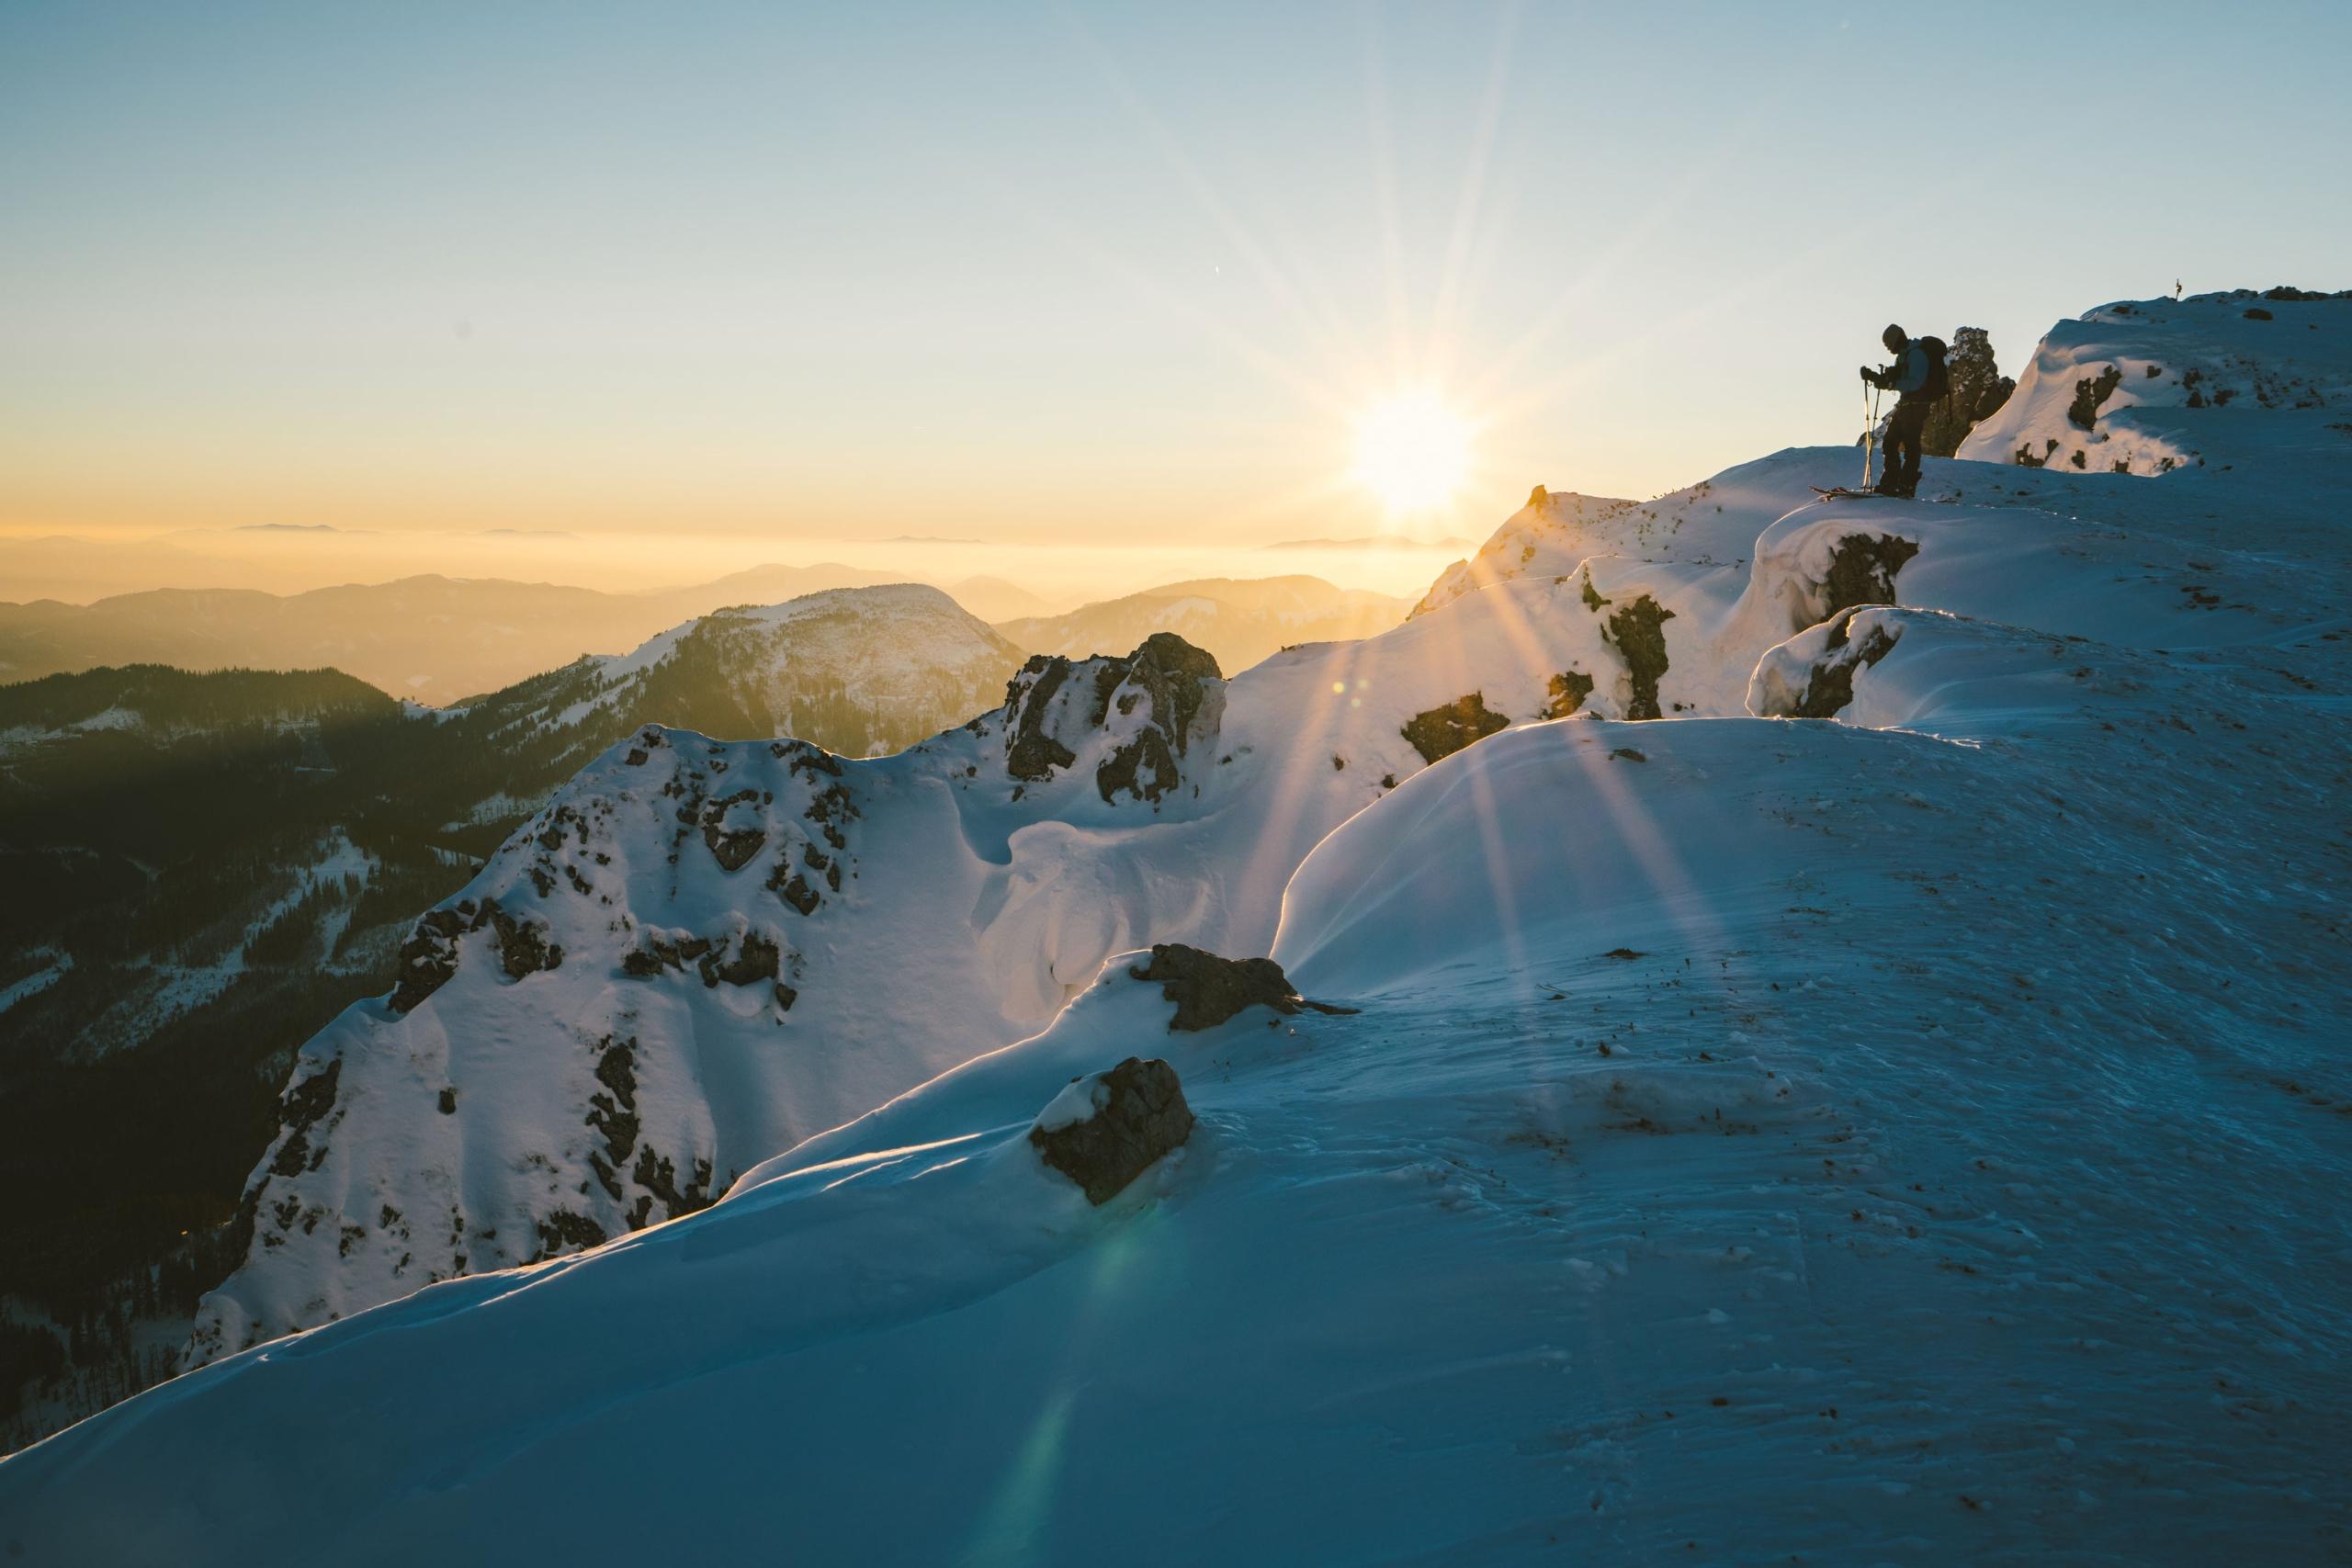 Splitboarding east Eastern Alps - rawmeyn   ello